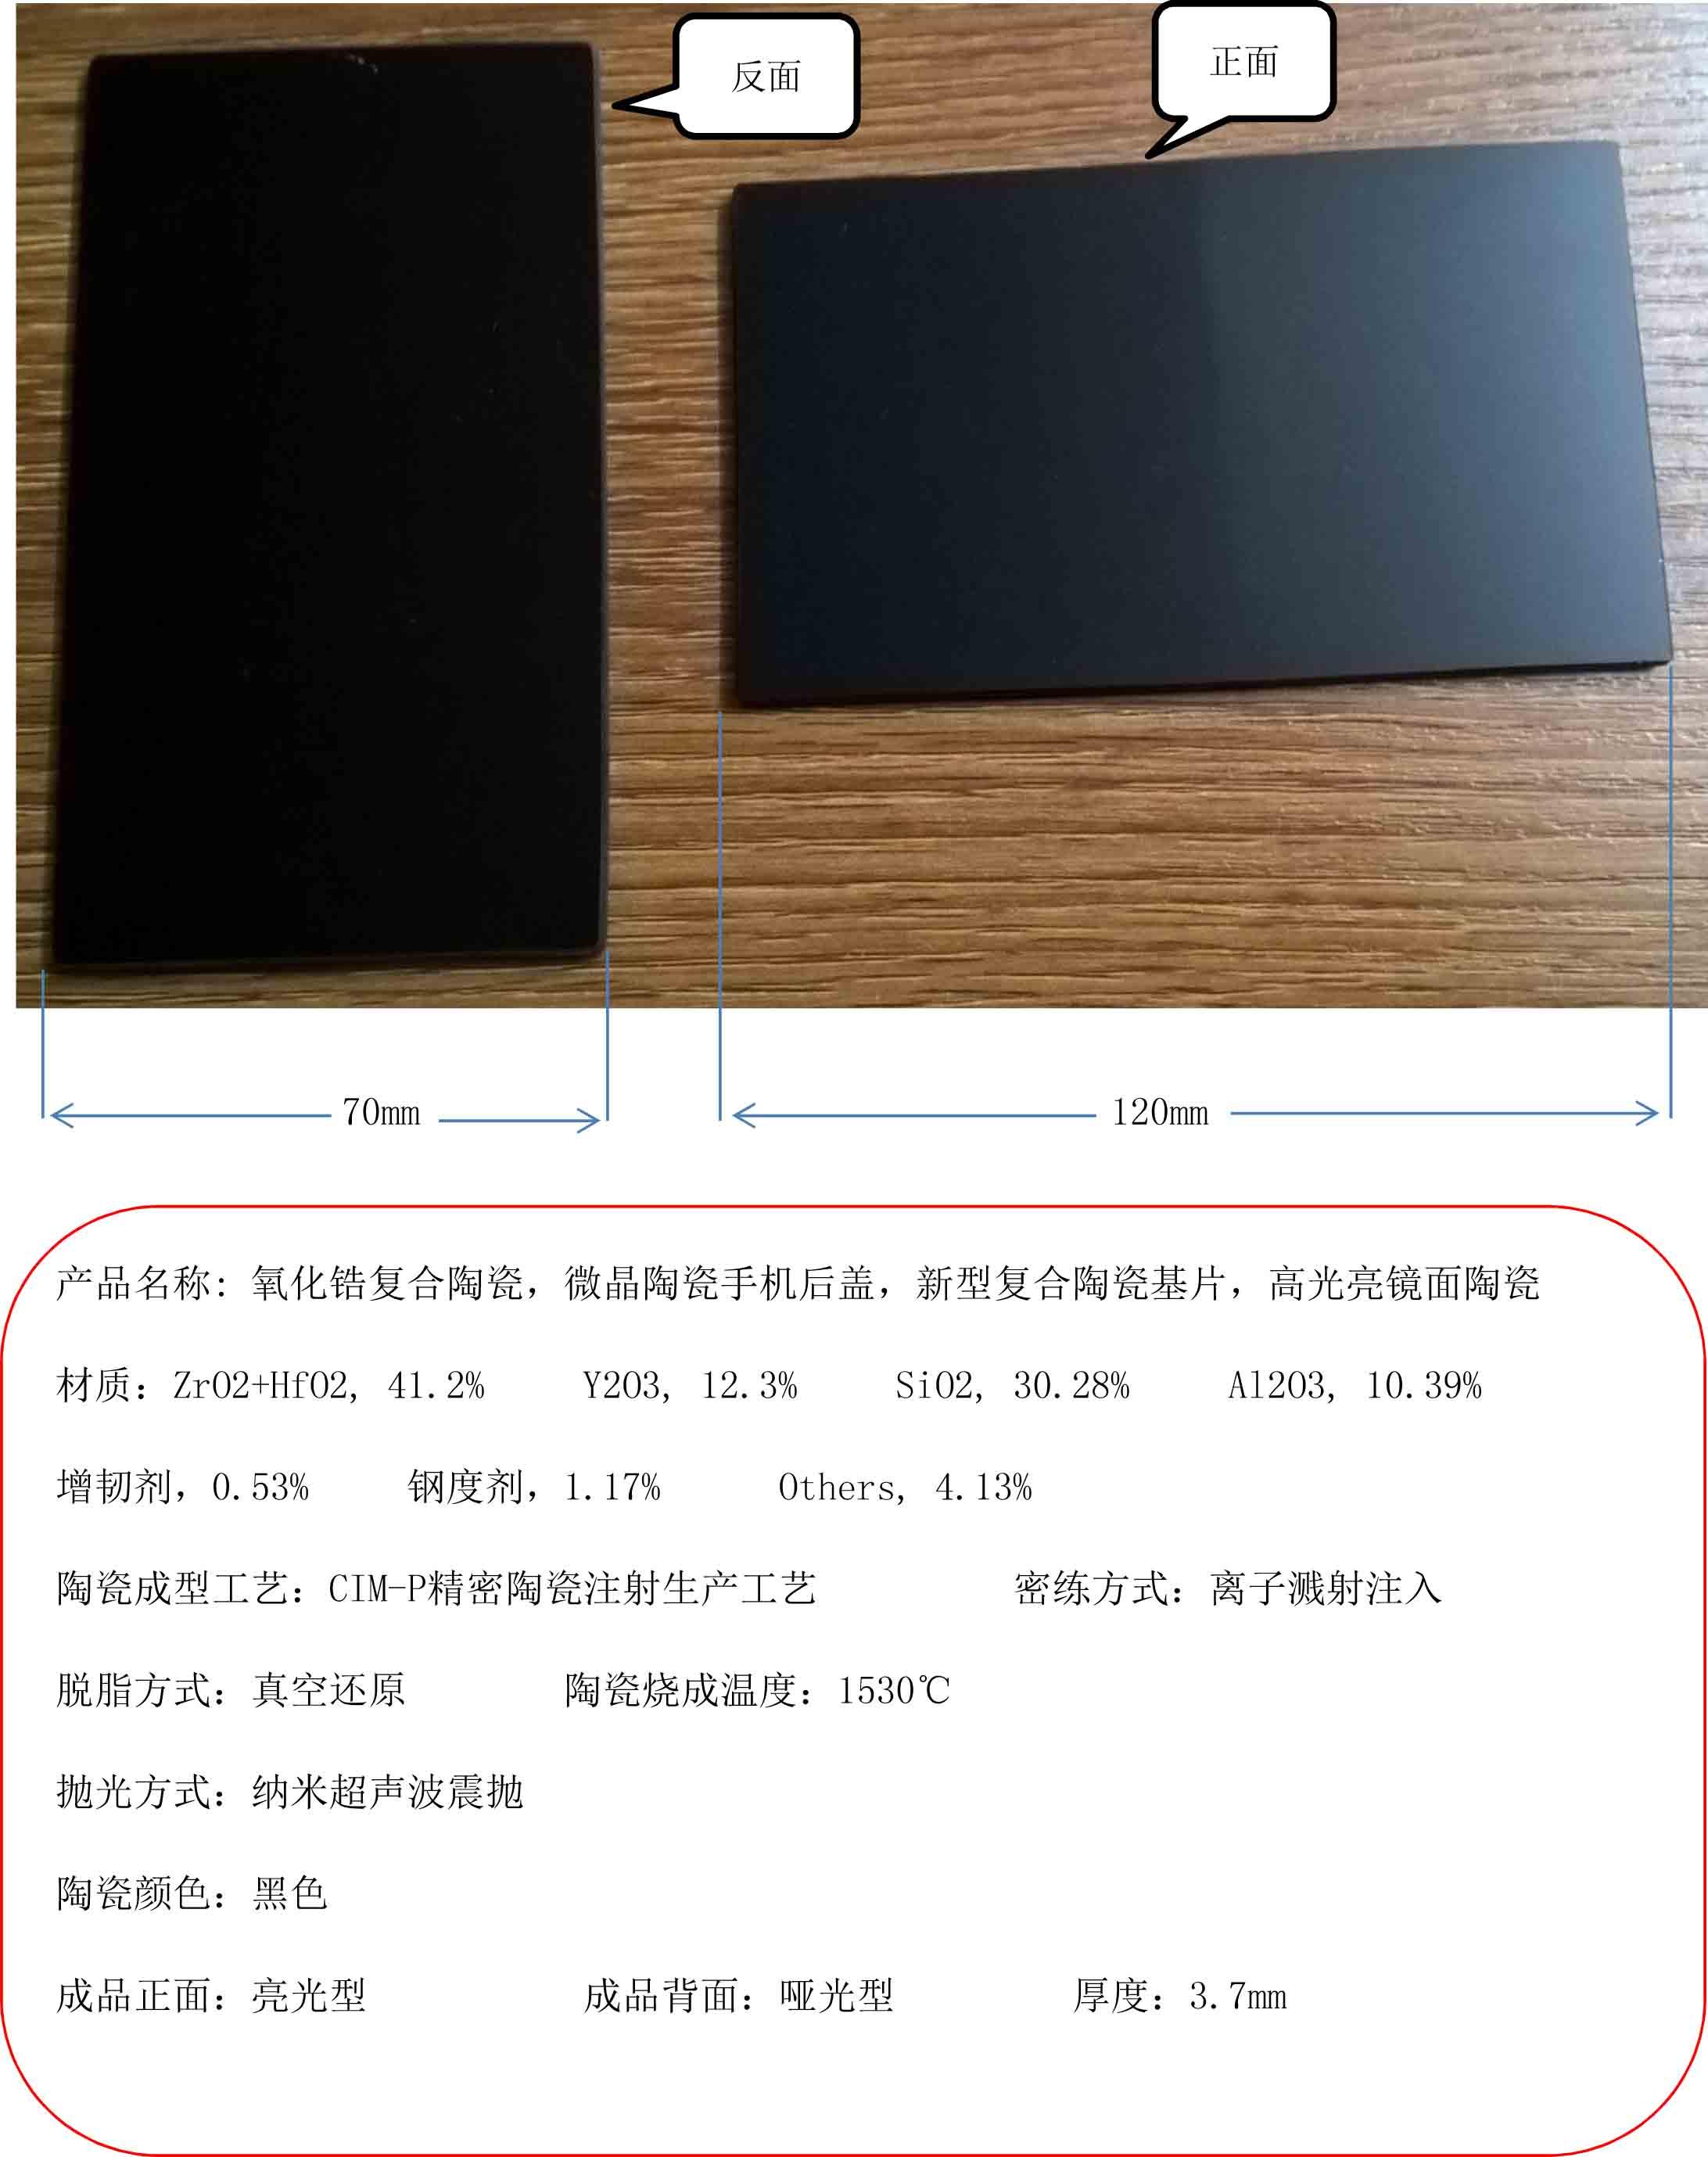 Циркониевая композитная керамическая s, микрокристаллическая керамическая задняя крышка для мобильного телефона, новый тип керамическая